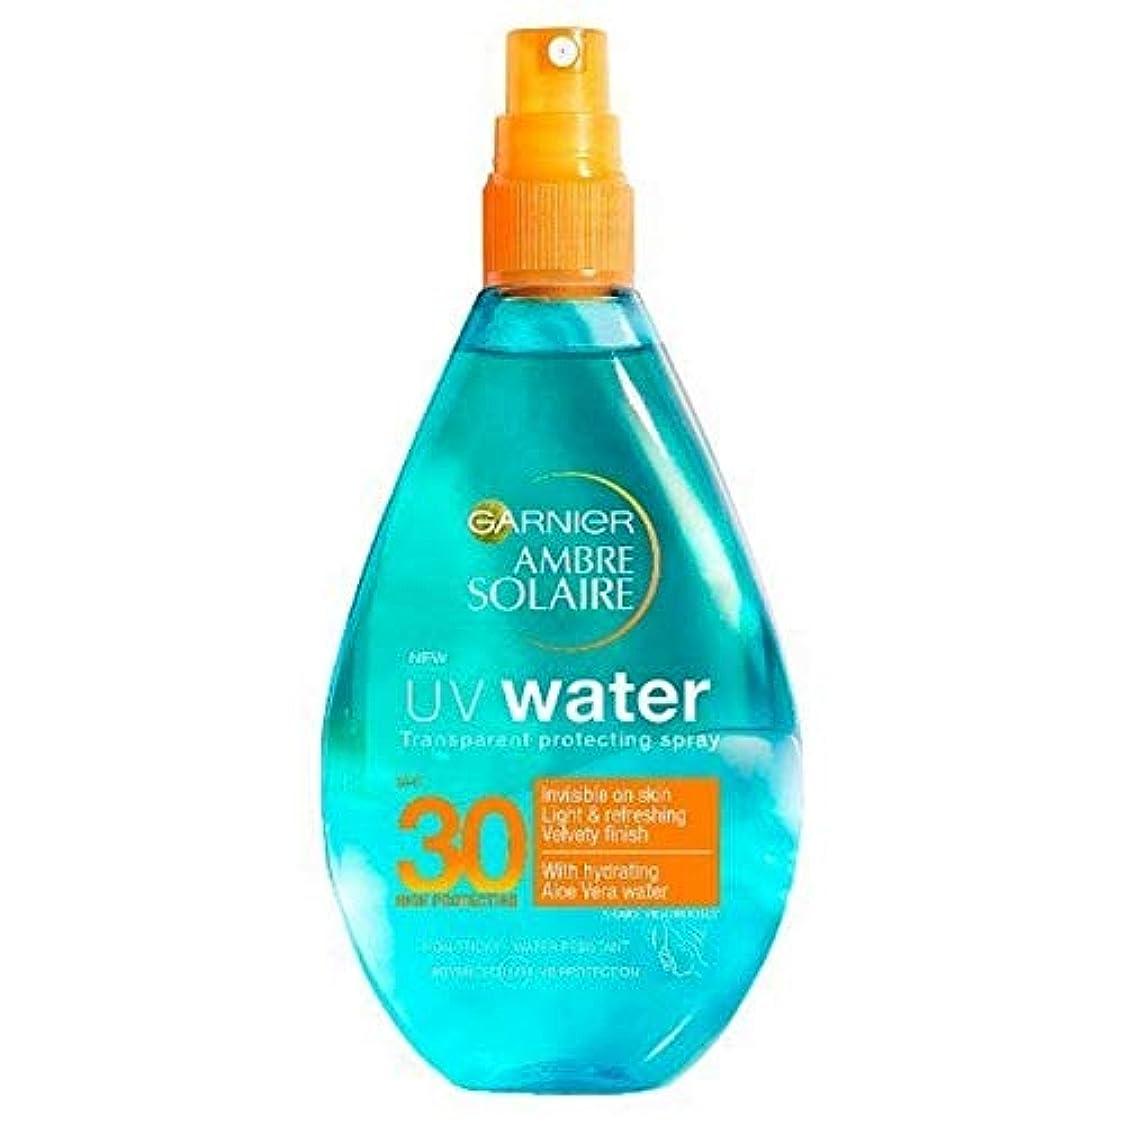 渦悪性黒人[Garnier ] アンブレSolaire紫外線水明確な日クリームスプレーSpf30 150ミリリットル - Ambre Solaire UV Water Clear Sun Cream Spray SPF30 150ml...